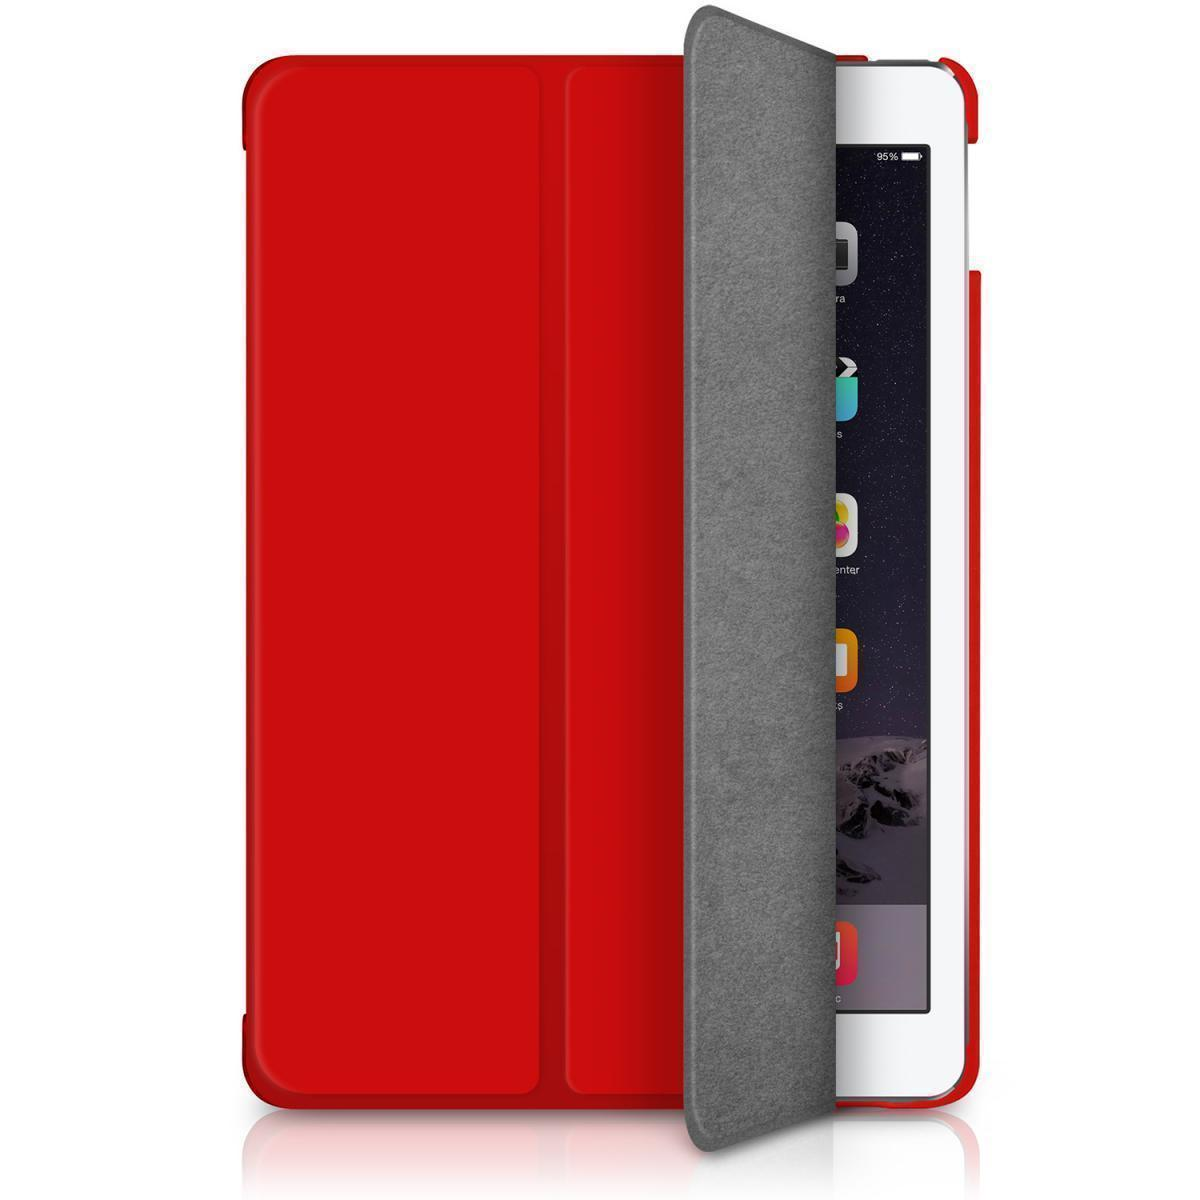 Чехол-книжка MacAlly для Apple iPad Air (полиуретан с подставкой) бордовыйдля Apple iPad Air<br>Чехол-книжка MacAlly для Apple iPad Air (полиуретан с подставкой) бордовый<br>